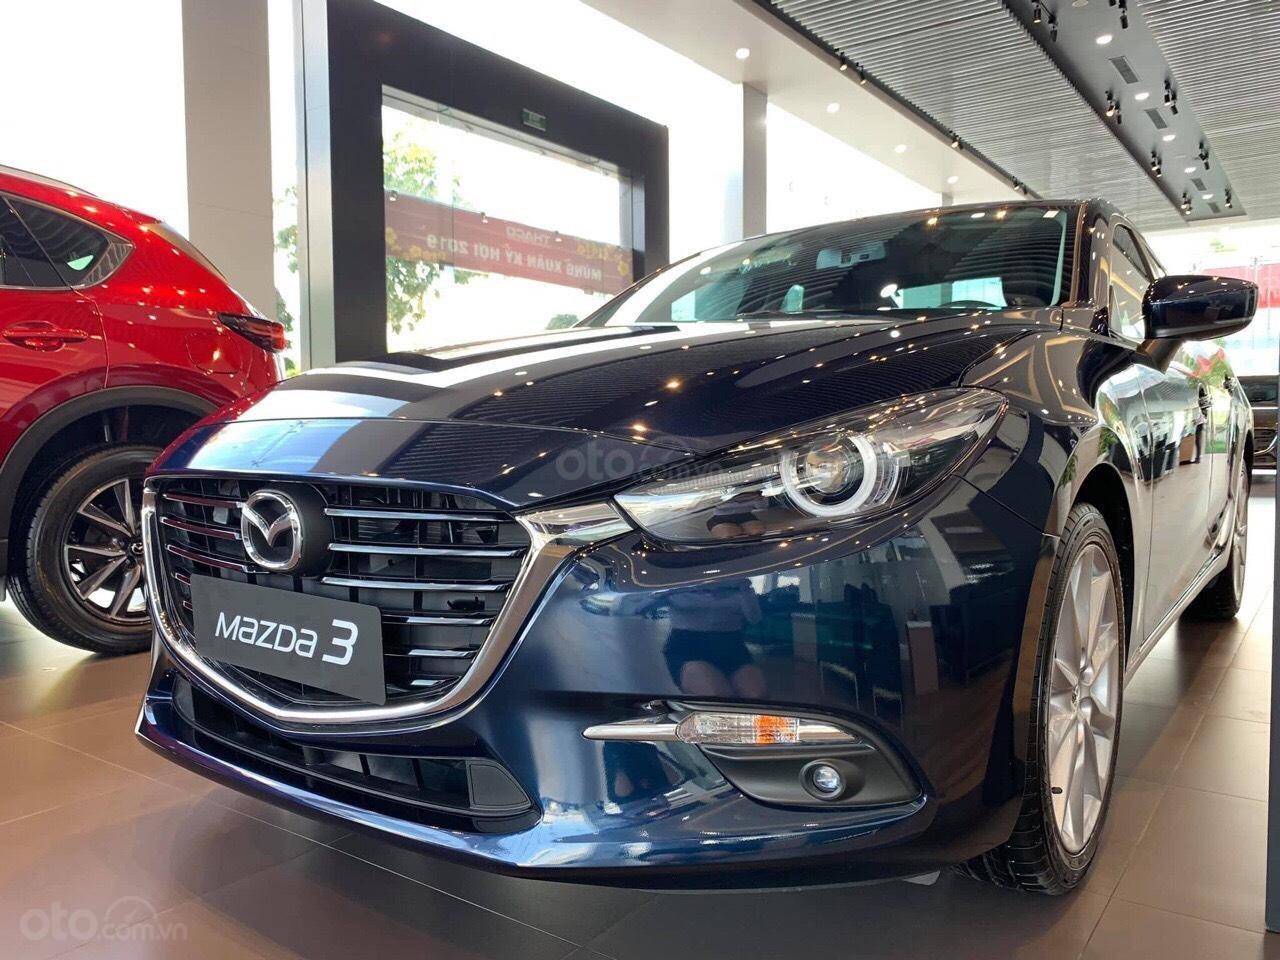 Bán xe Mazda 3 xanh đen 2019 - Tặng gói bảo dưỡng miễn phí - Hỗ trợ trả góp 80% (6)